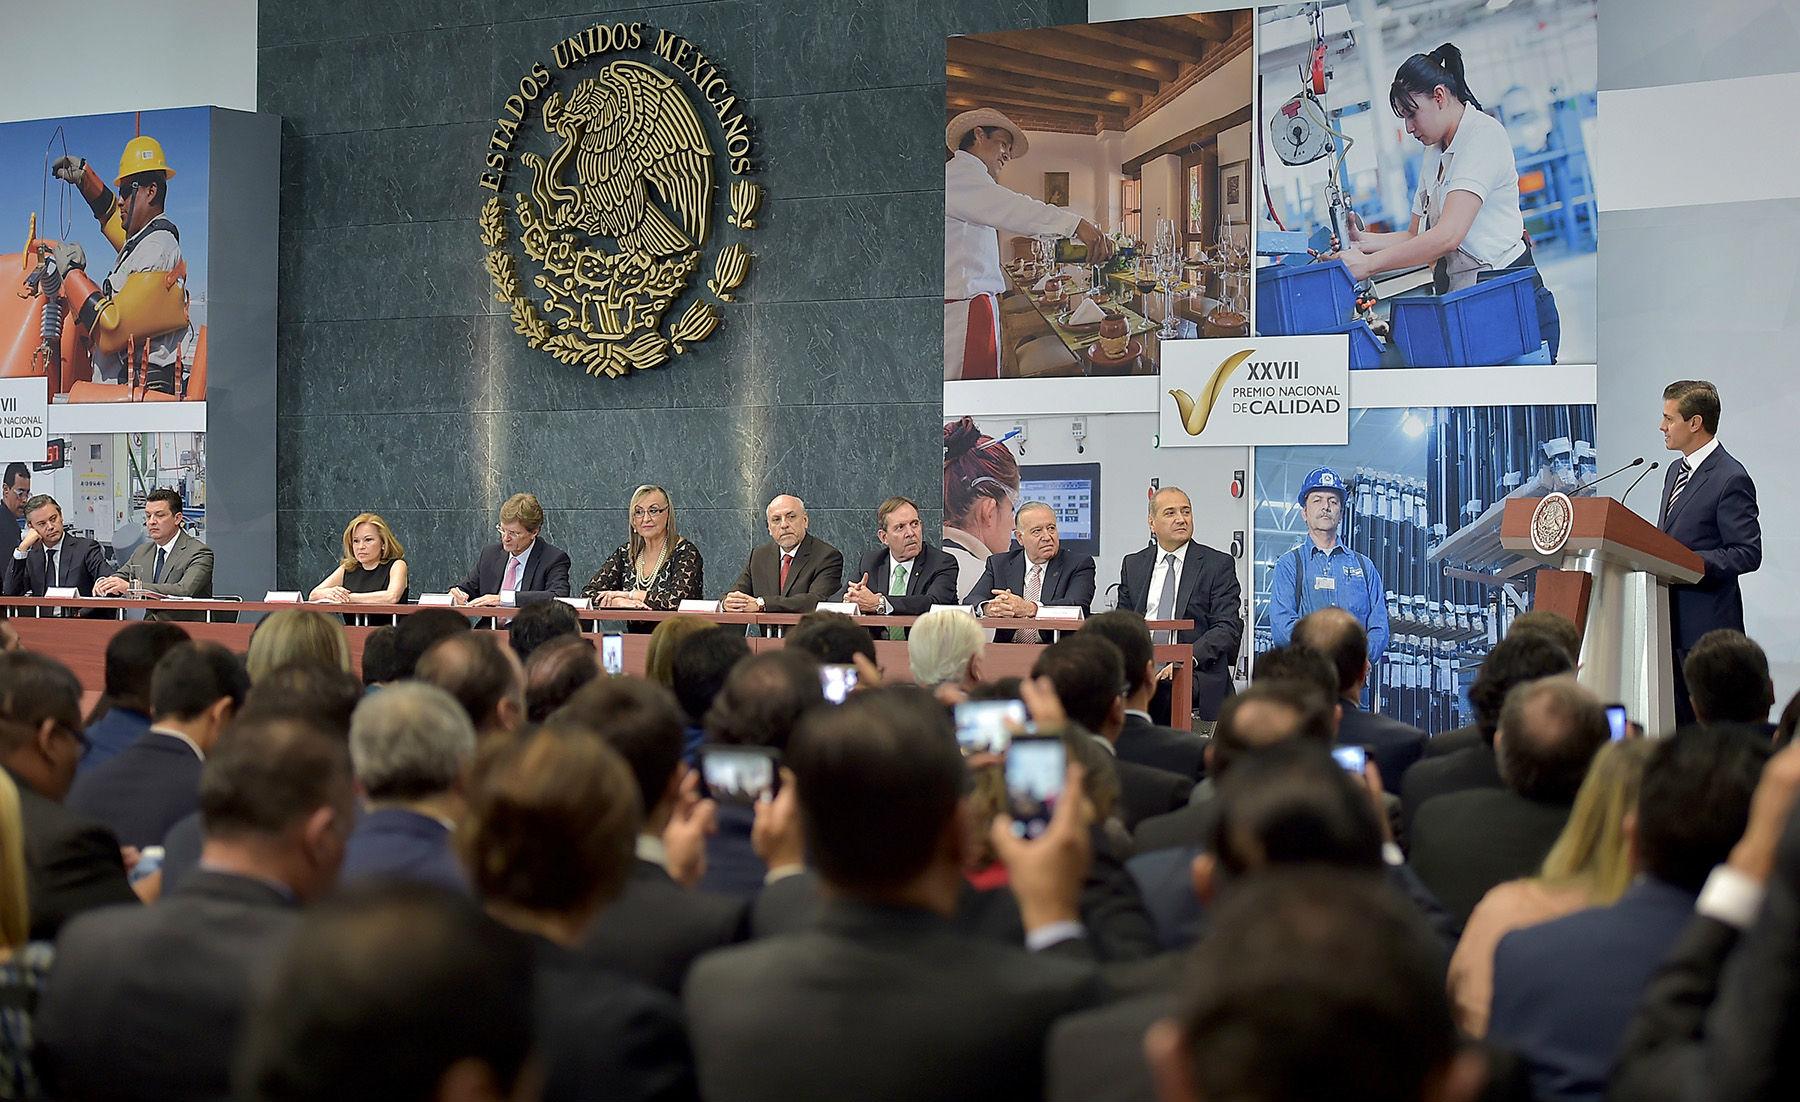 Mensaje del Presidente de México, Enrique Peña Nieto